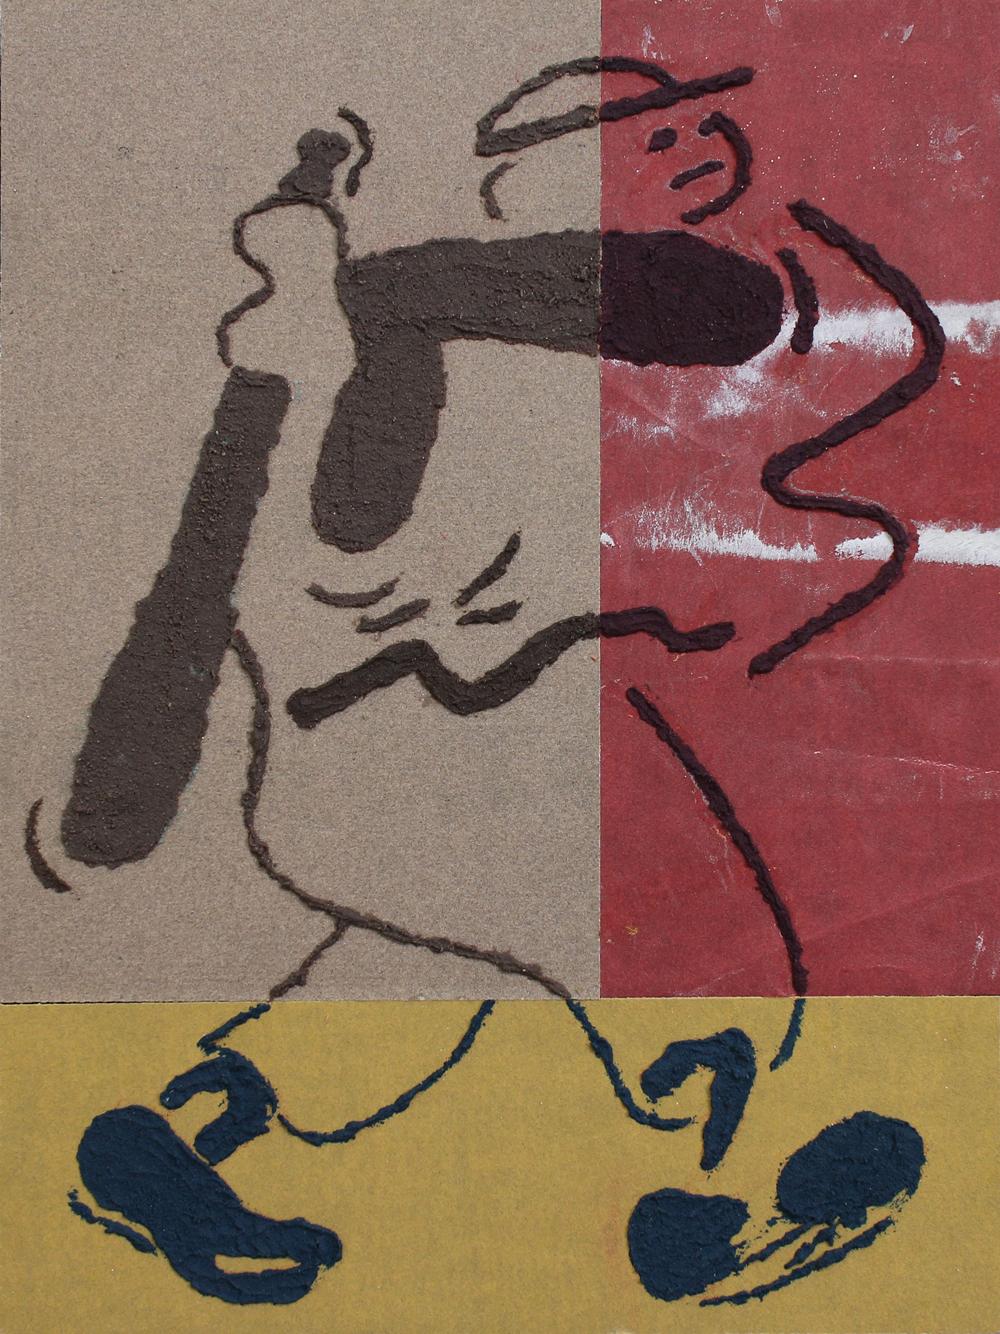 Sandpaper drawing (4)